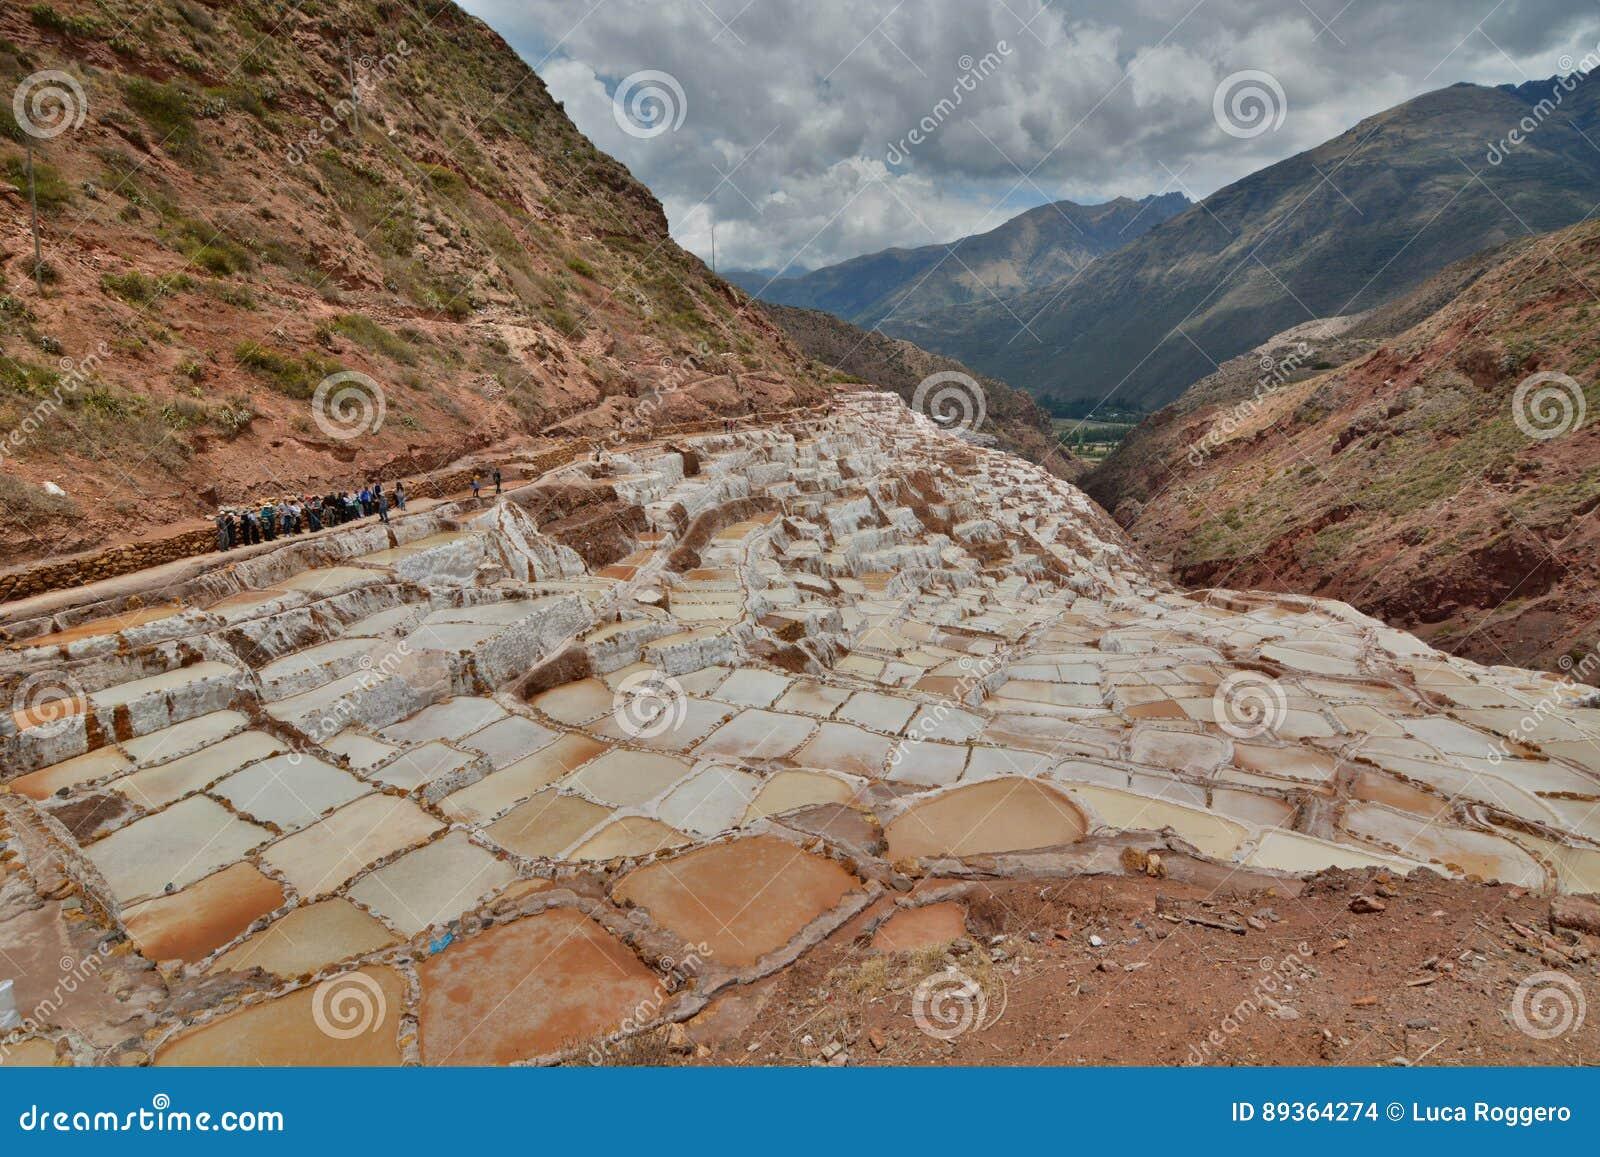 Charcas de la evaporación de la sal Maras Valle sagrado Región de Cusco perú